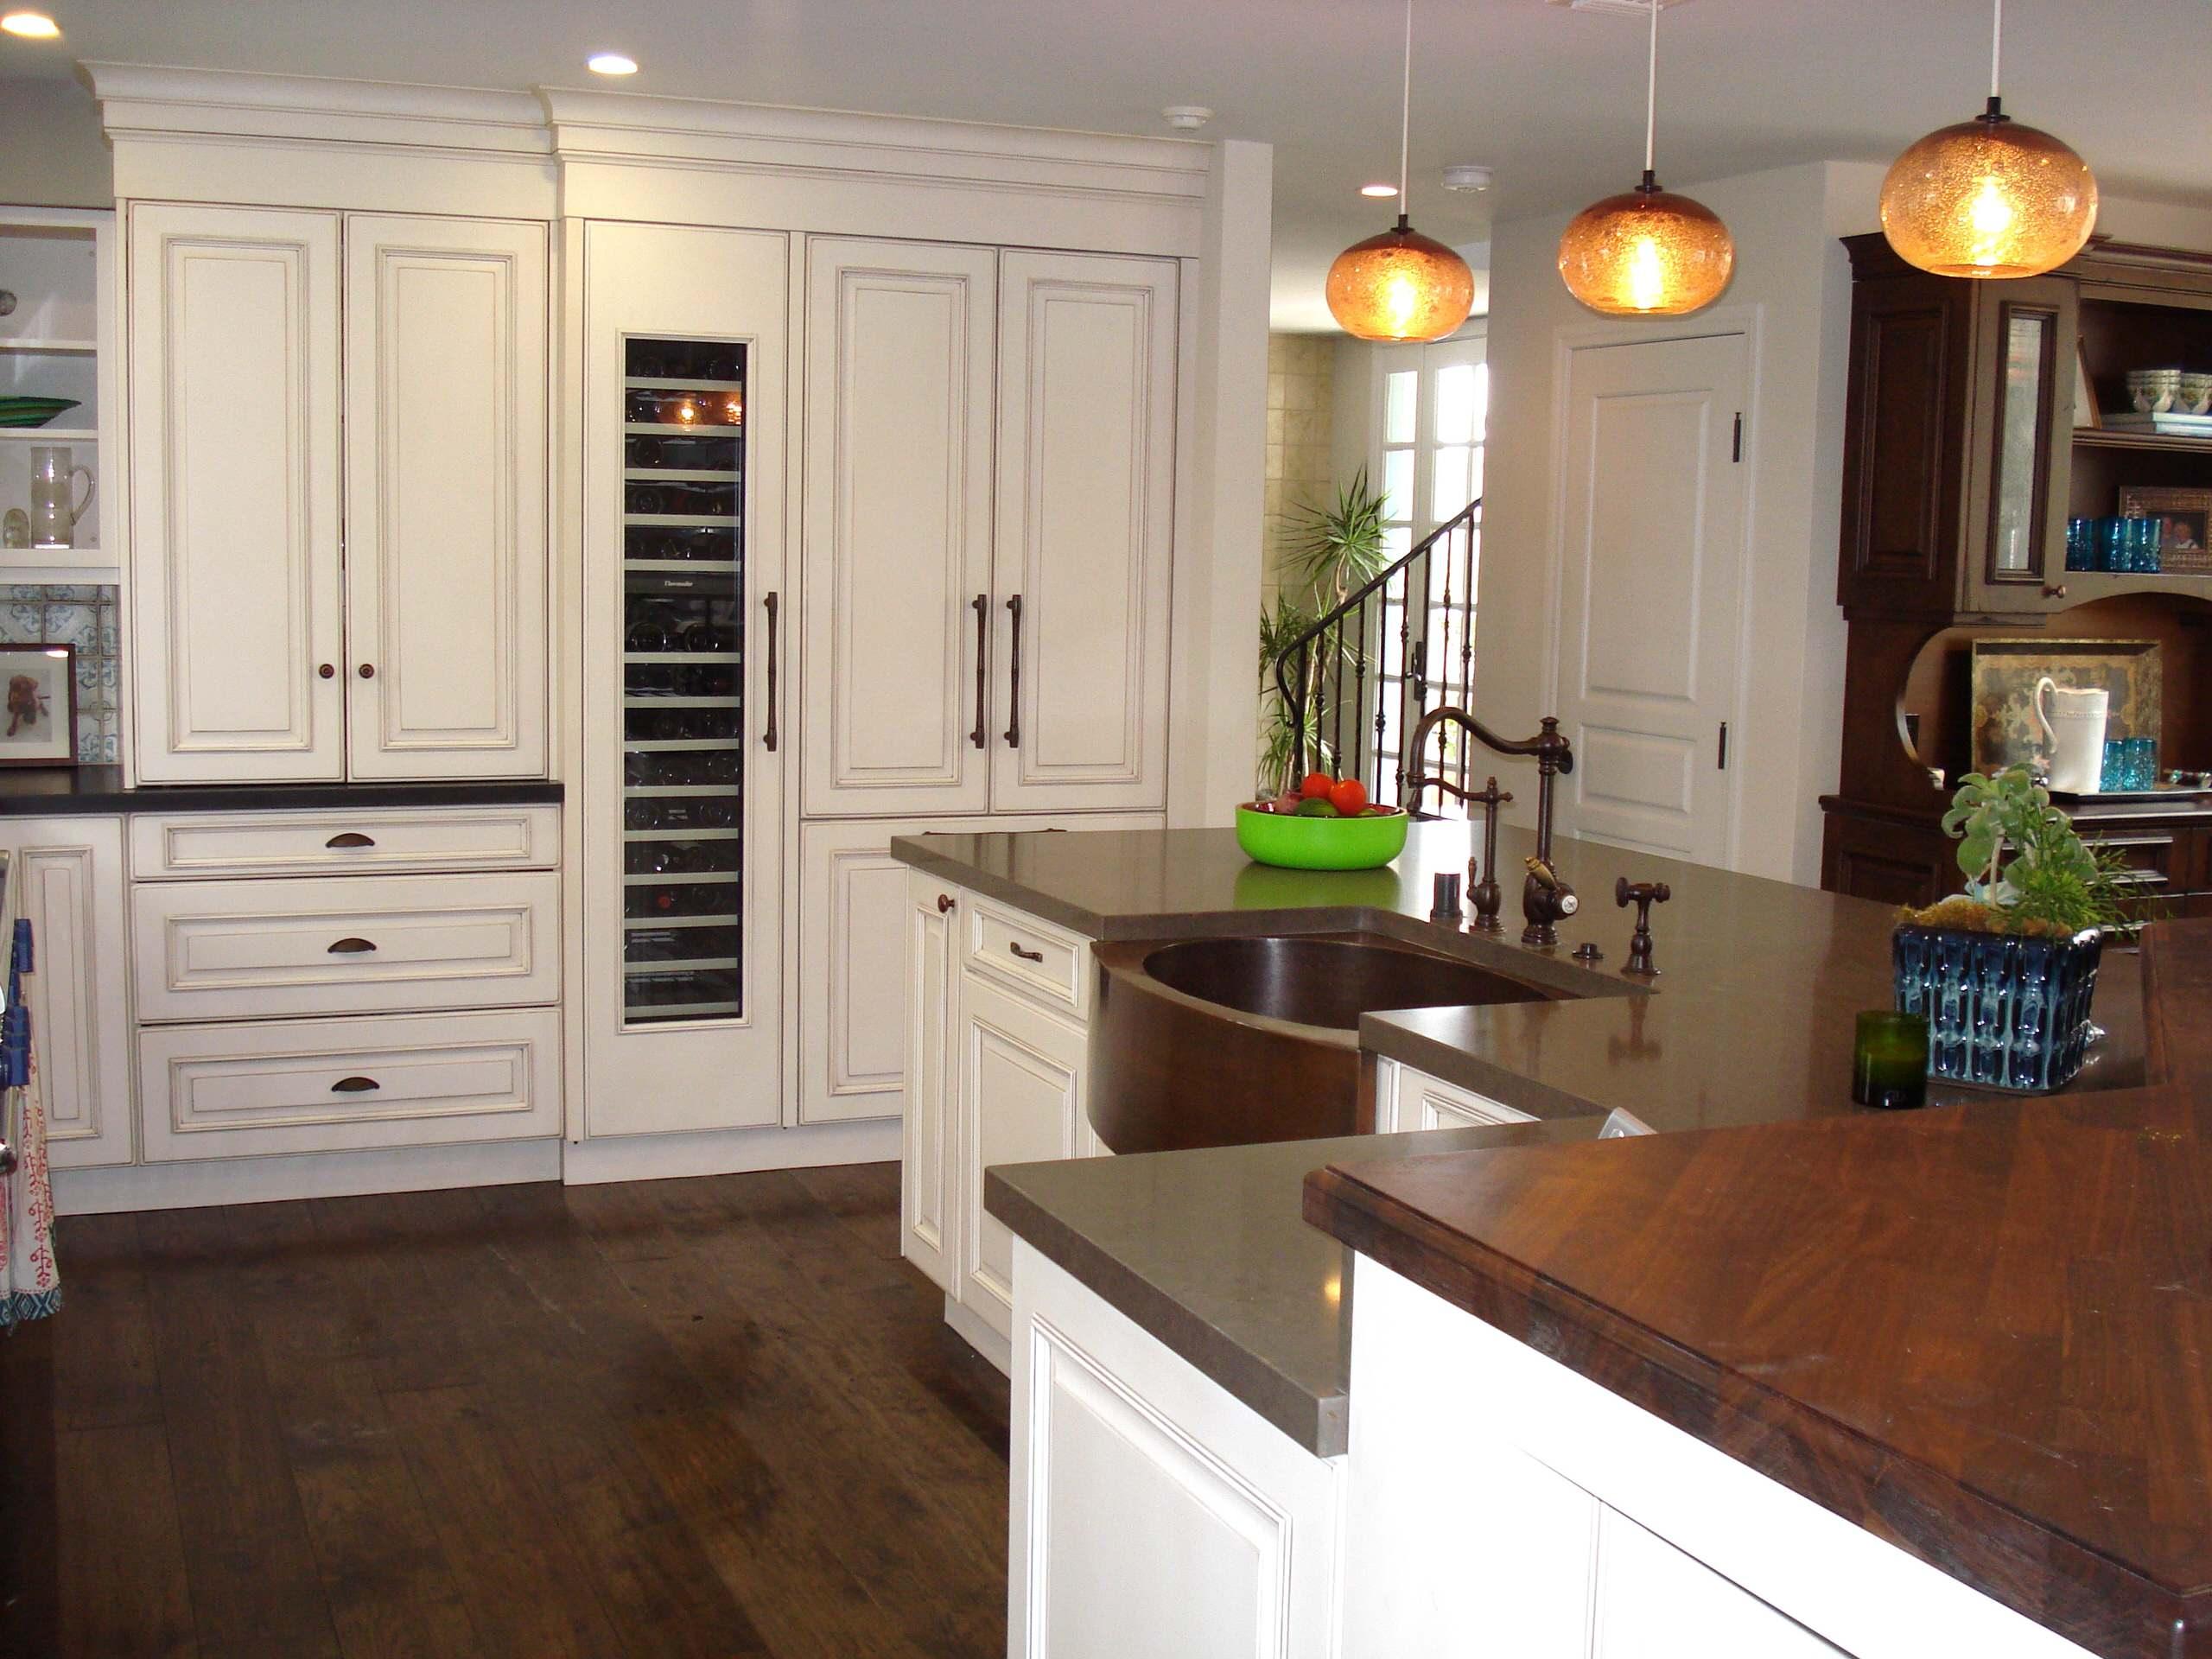 The Moore Kitchen Remodel-Corona del Mar, CA.